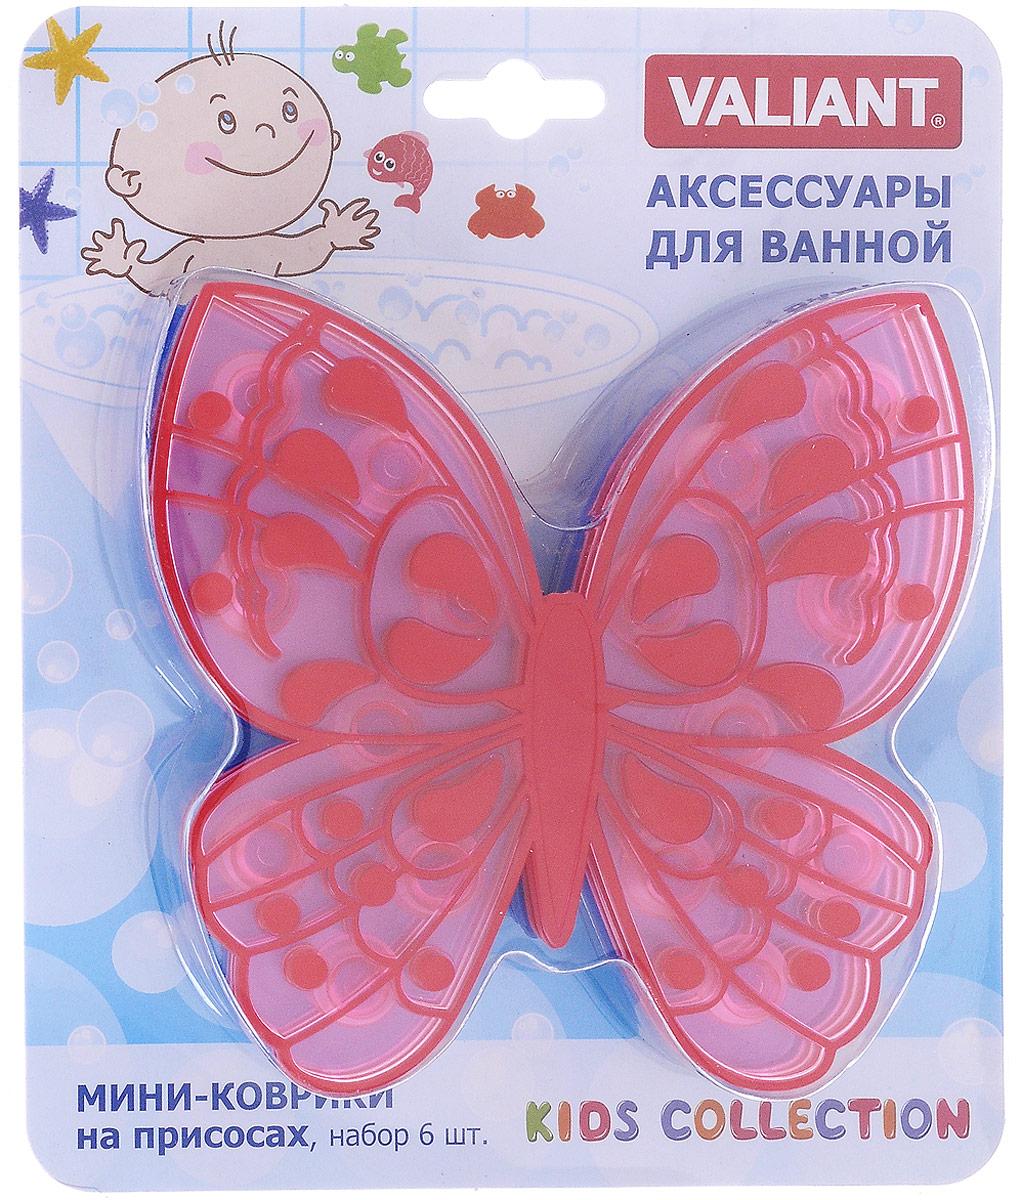 Valiant Мини-коврик для ванной комнаты Бабочка на присосках 6 шт